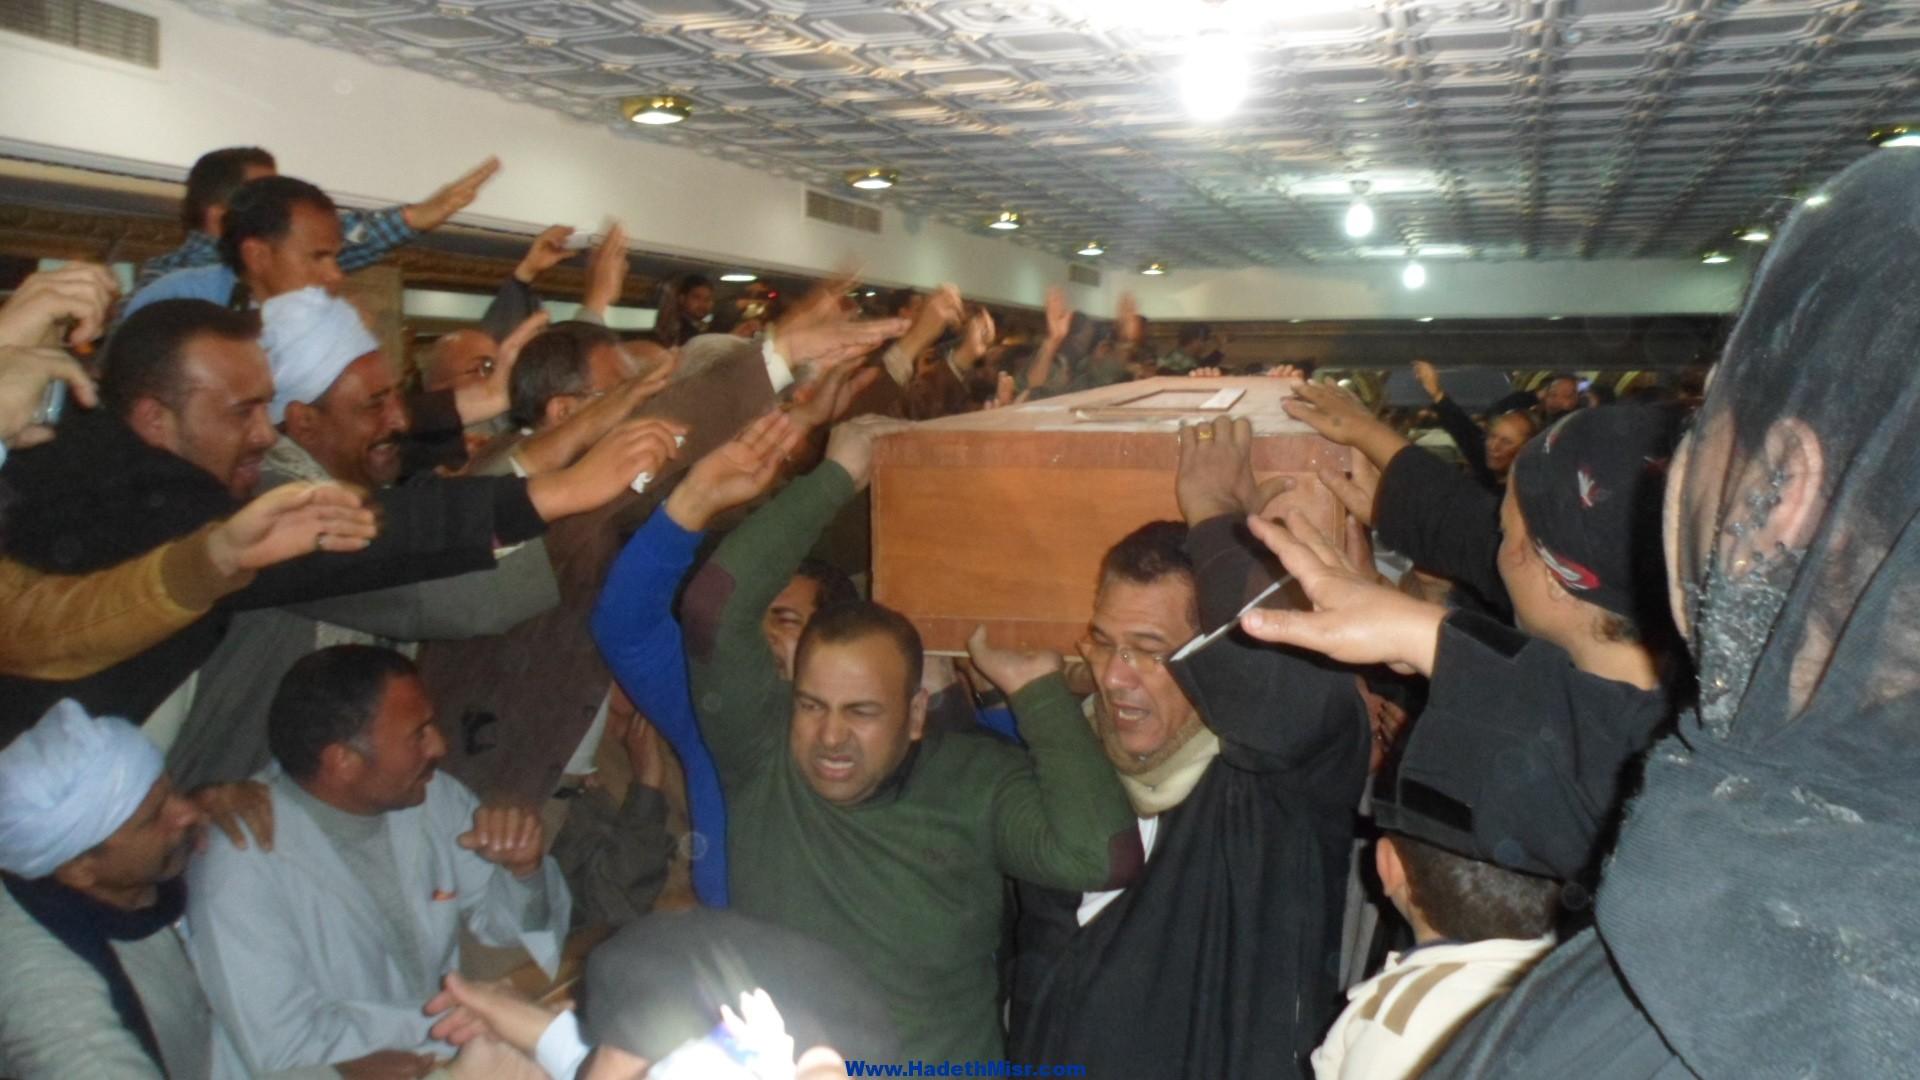 """بالصور.. مراسم تشييع جثامين بنغازي بمطرانية مار جرجس …..انهيار أسر الضحايا …و""""ميريام"""" فقدت وعيها عند رؤية جثمان والدها"""